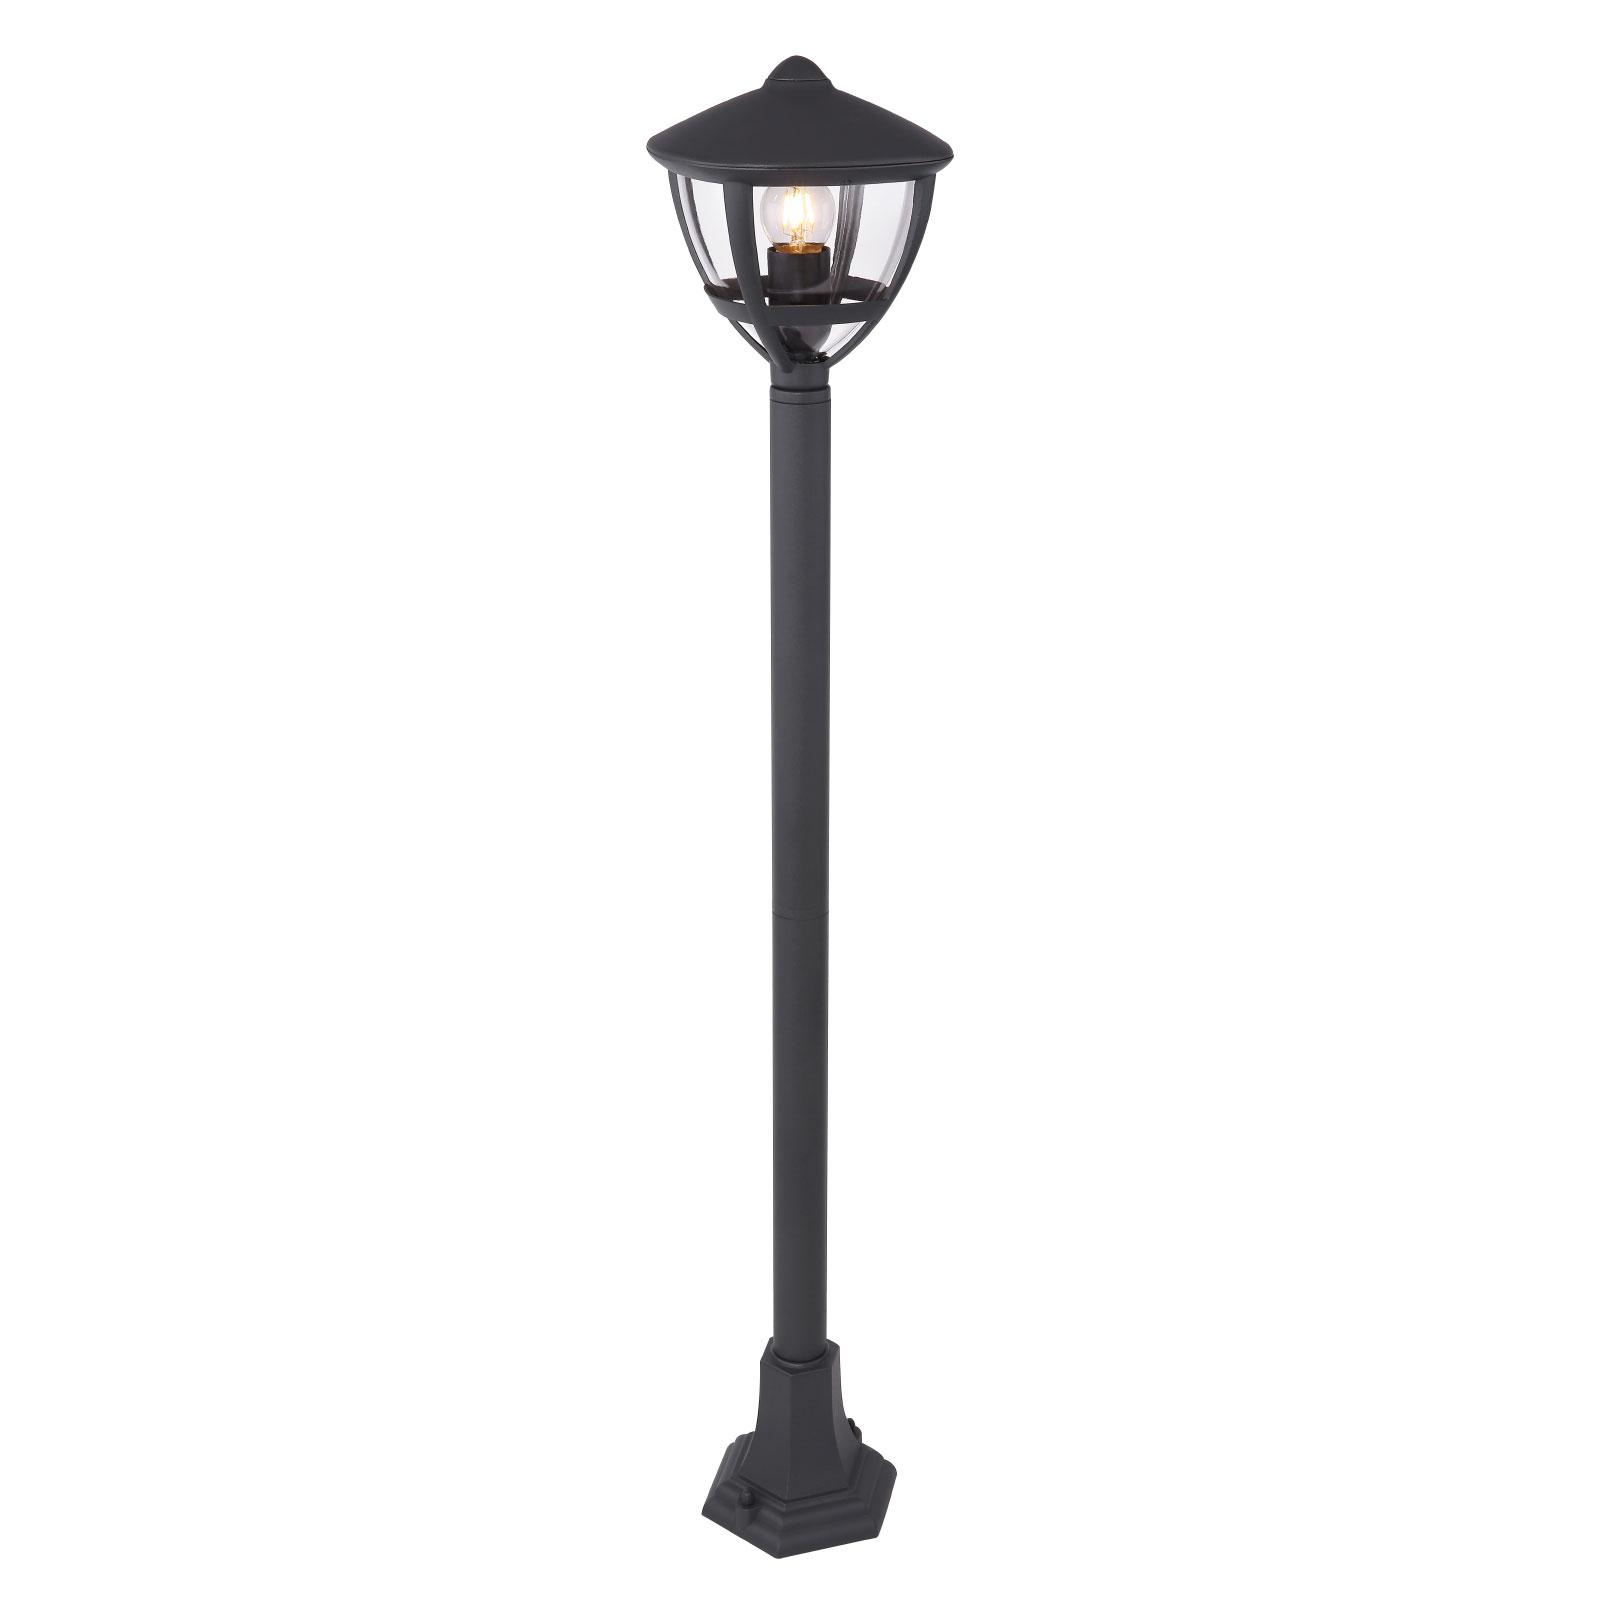 Słupek oświetleniowy Nollo w formie latarni czarny